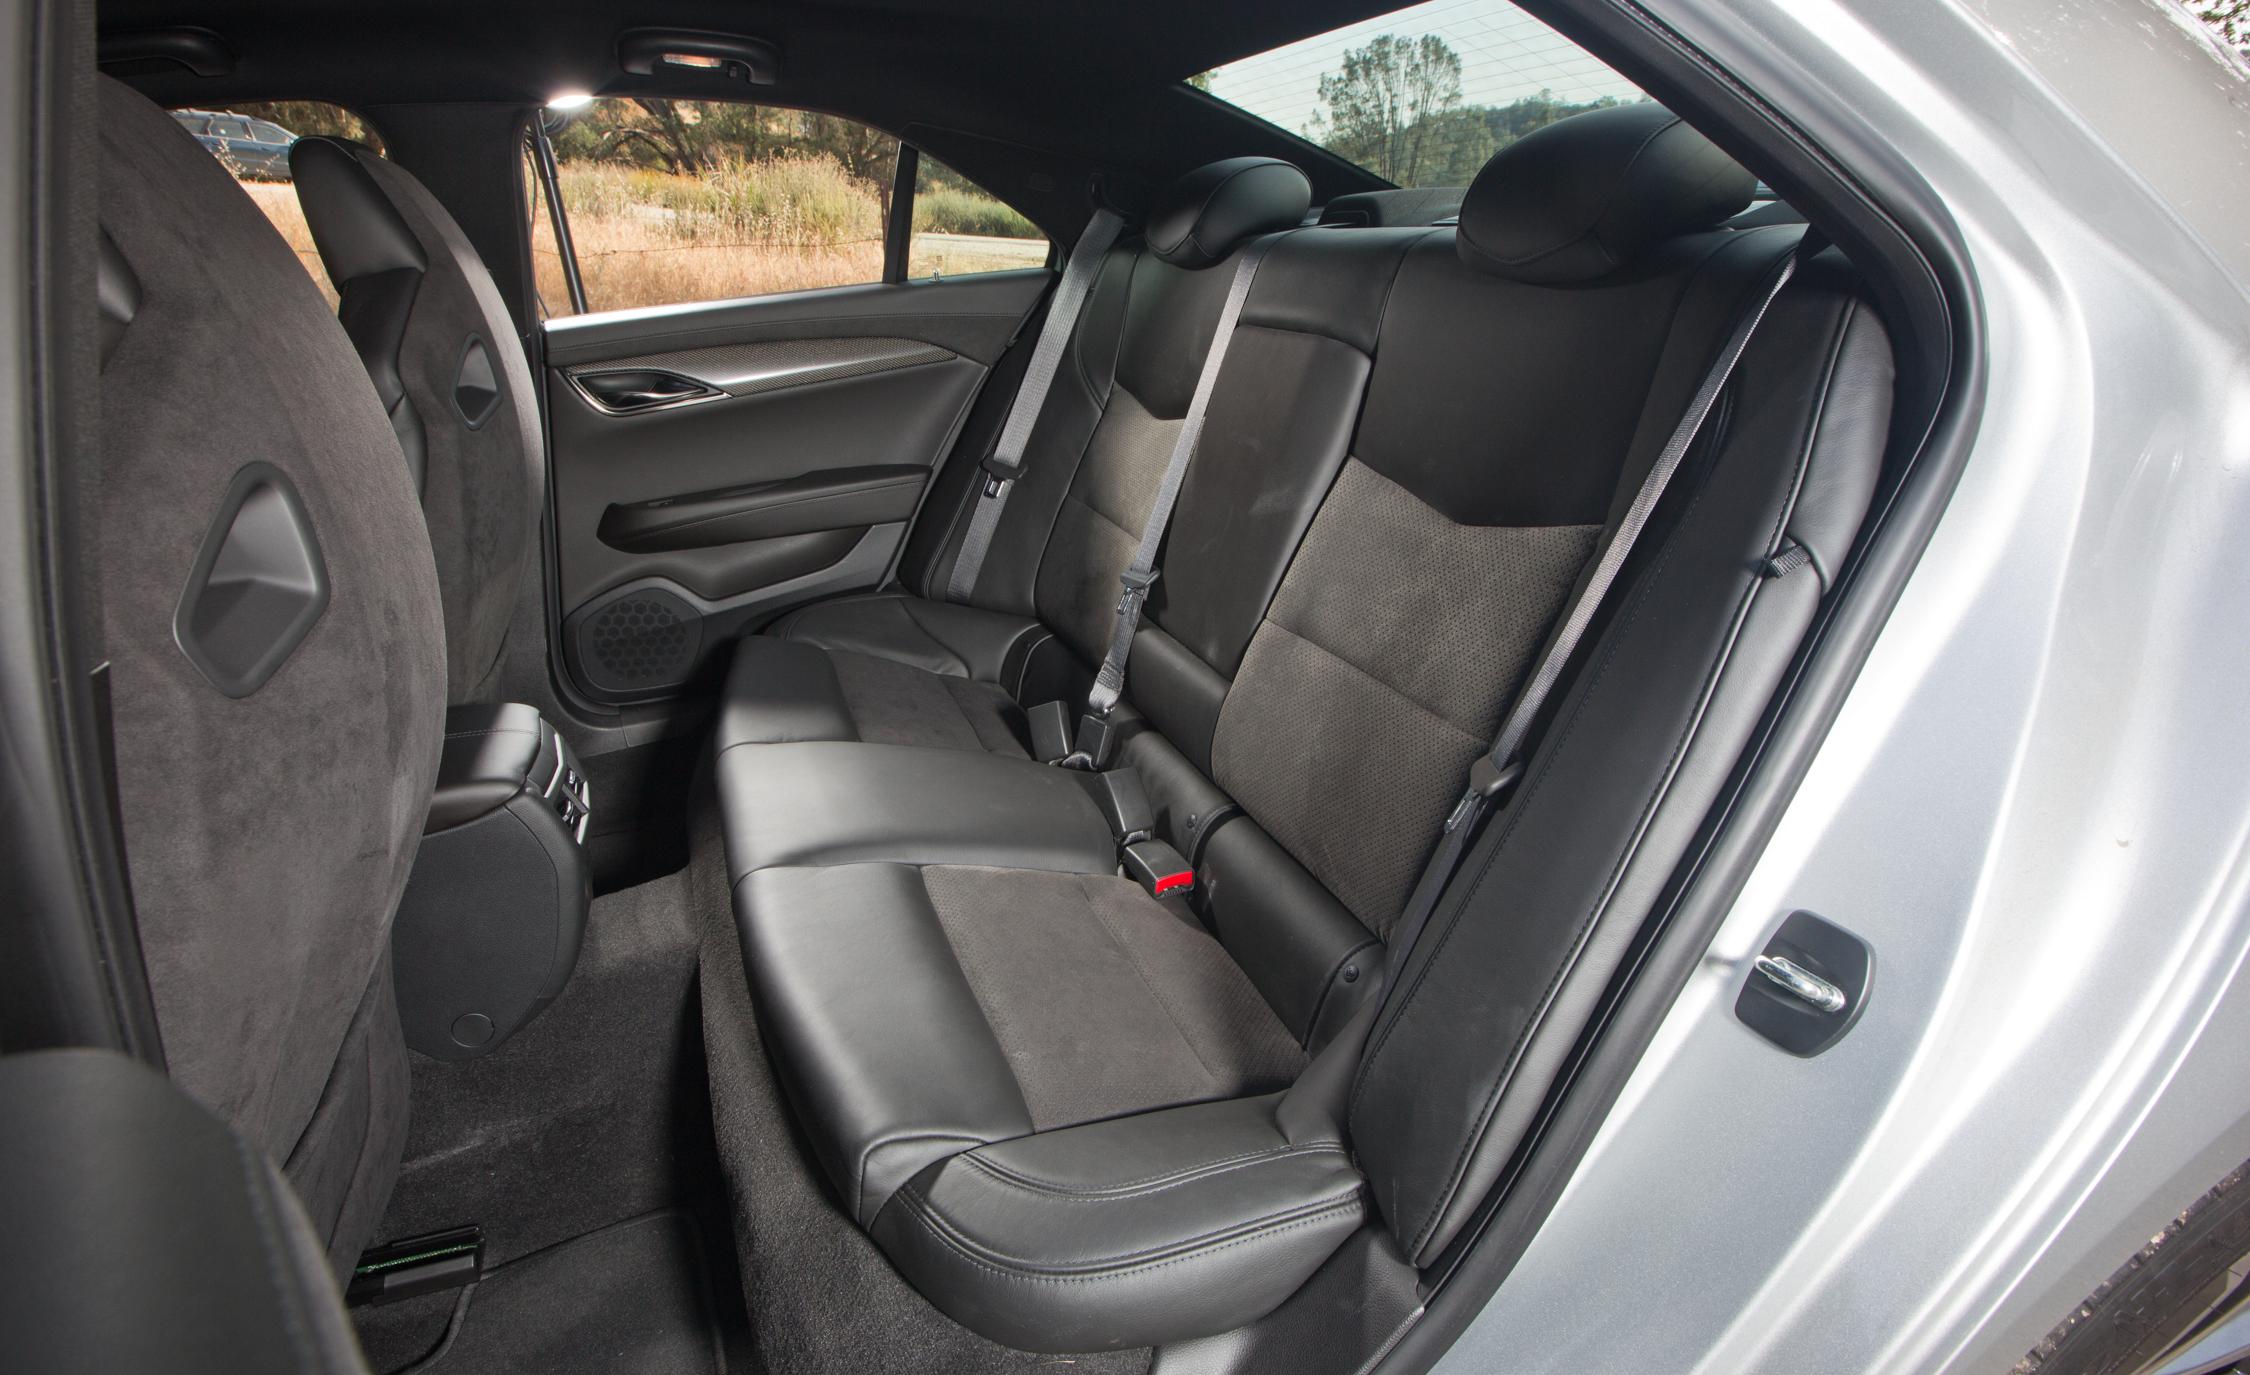 2016 Cadillac ATS-V Rear Seats Interior